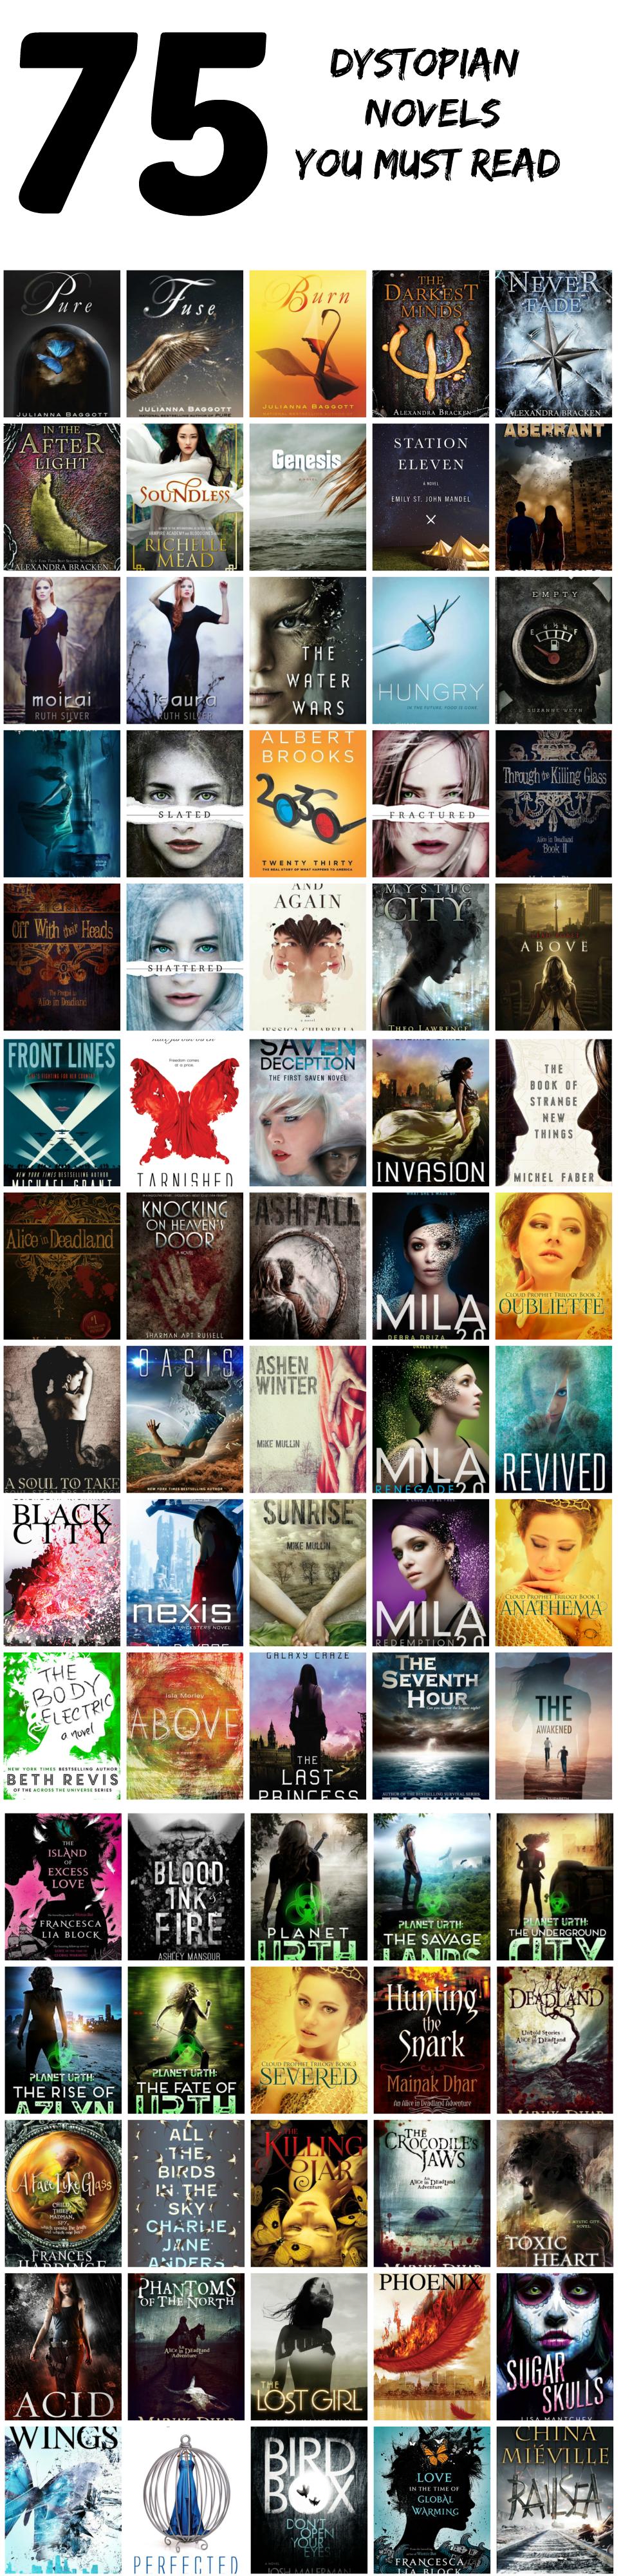 the best dystopian novels